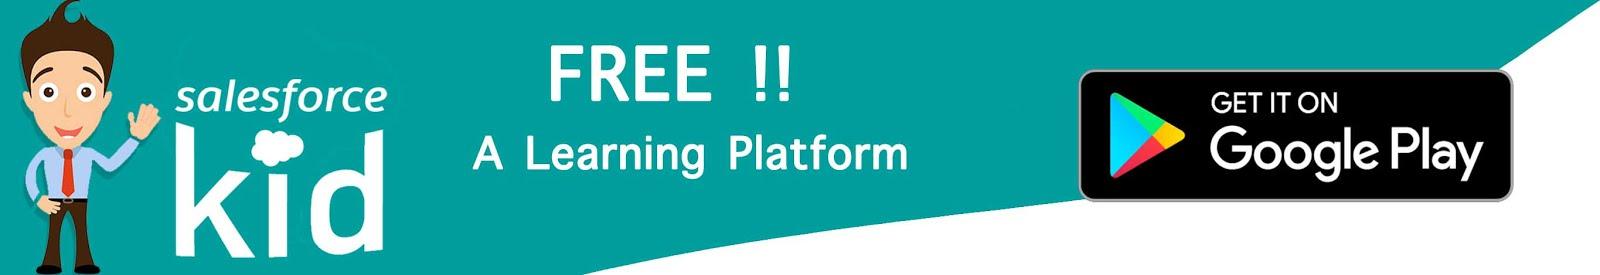 SalesforceKid On Play Store